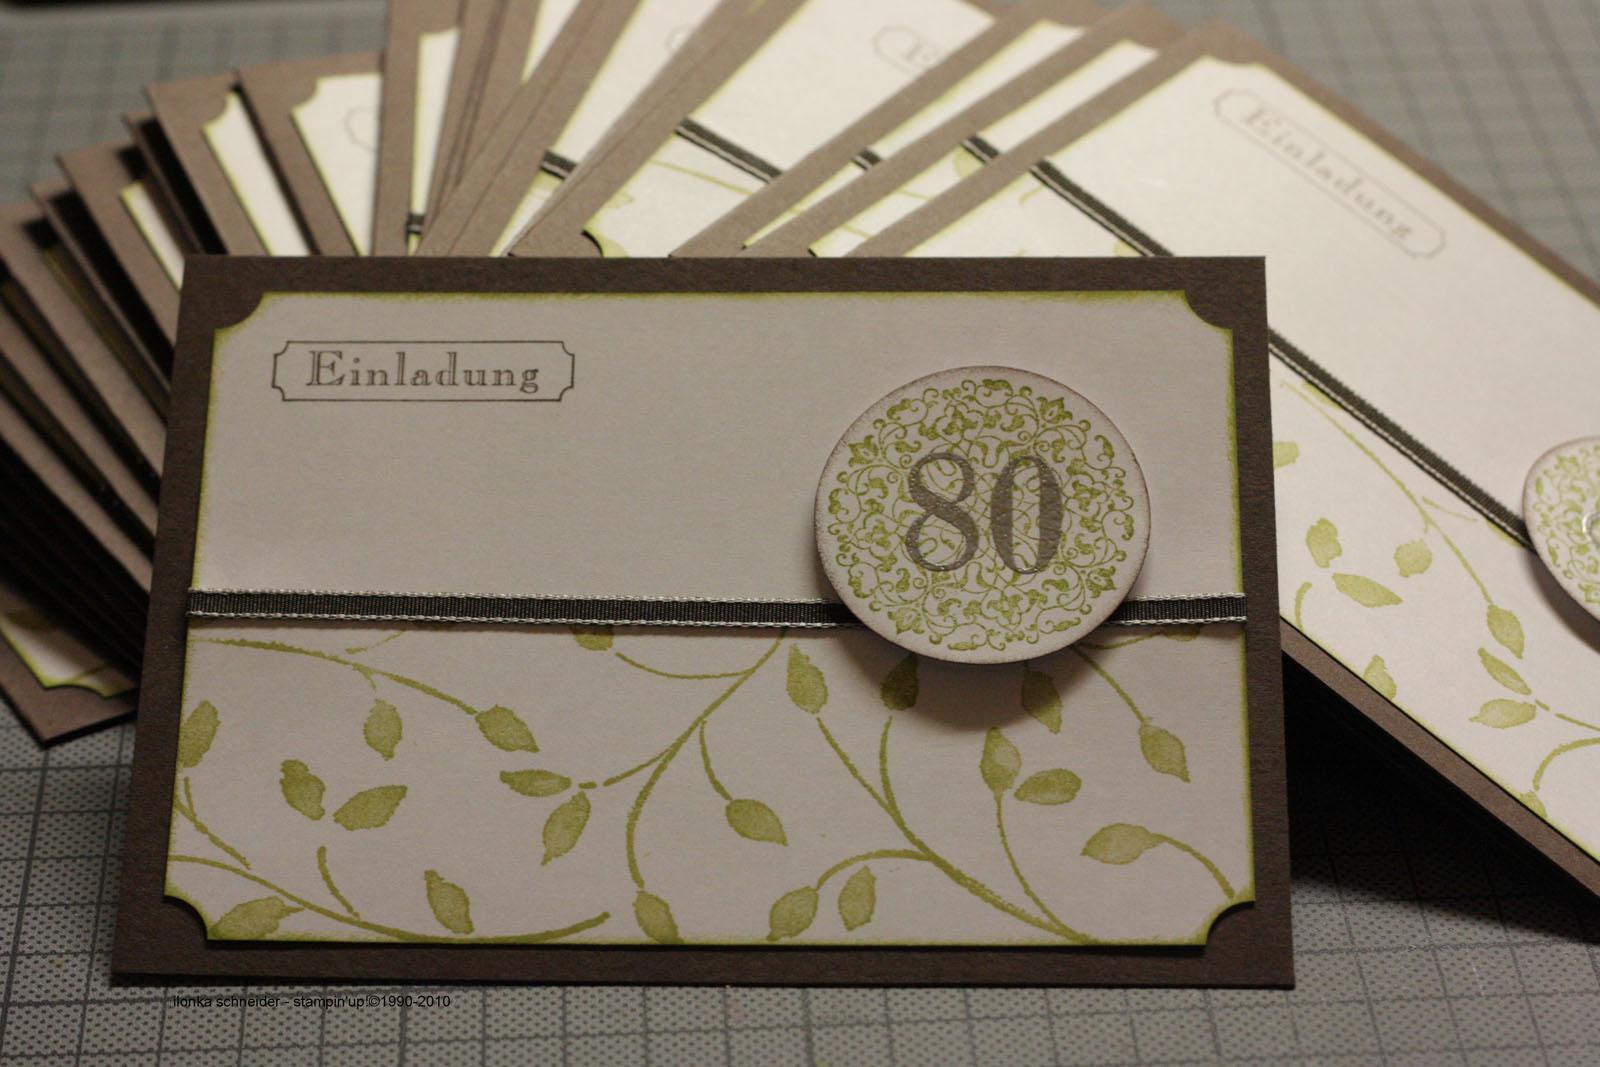 einladung 80 geburtstag einladung 80 geburtstag vorlage geburstag einladungskarten. Black Bedroom Furniture Sets. Home Design Ideas